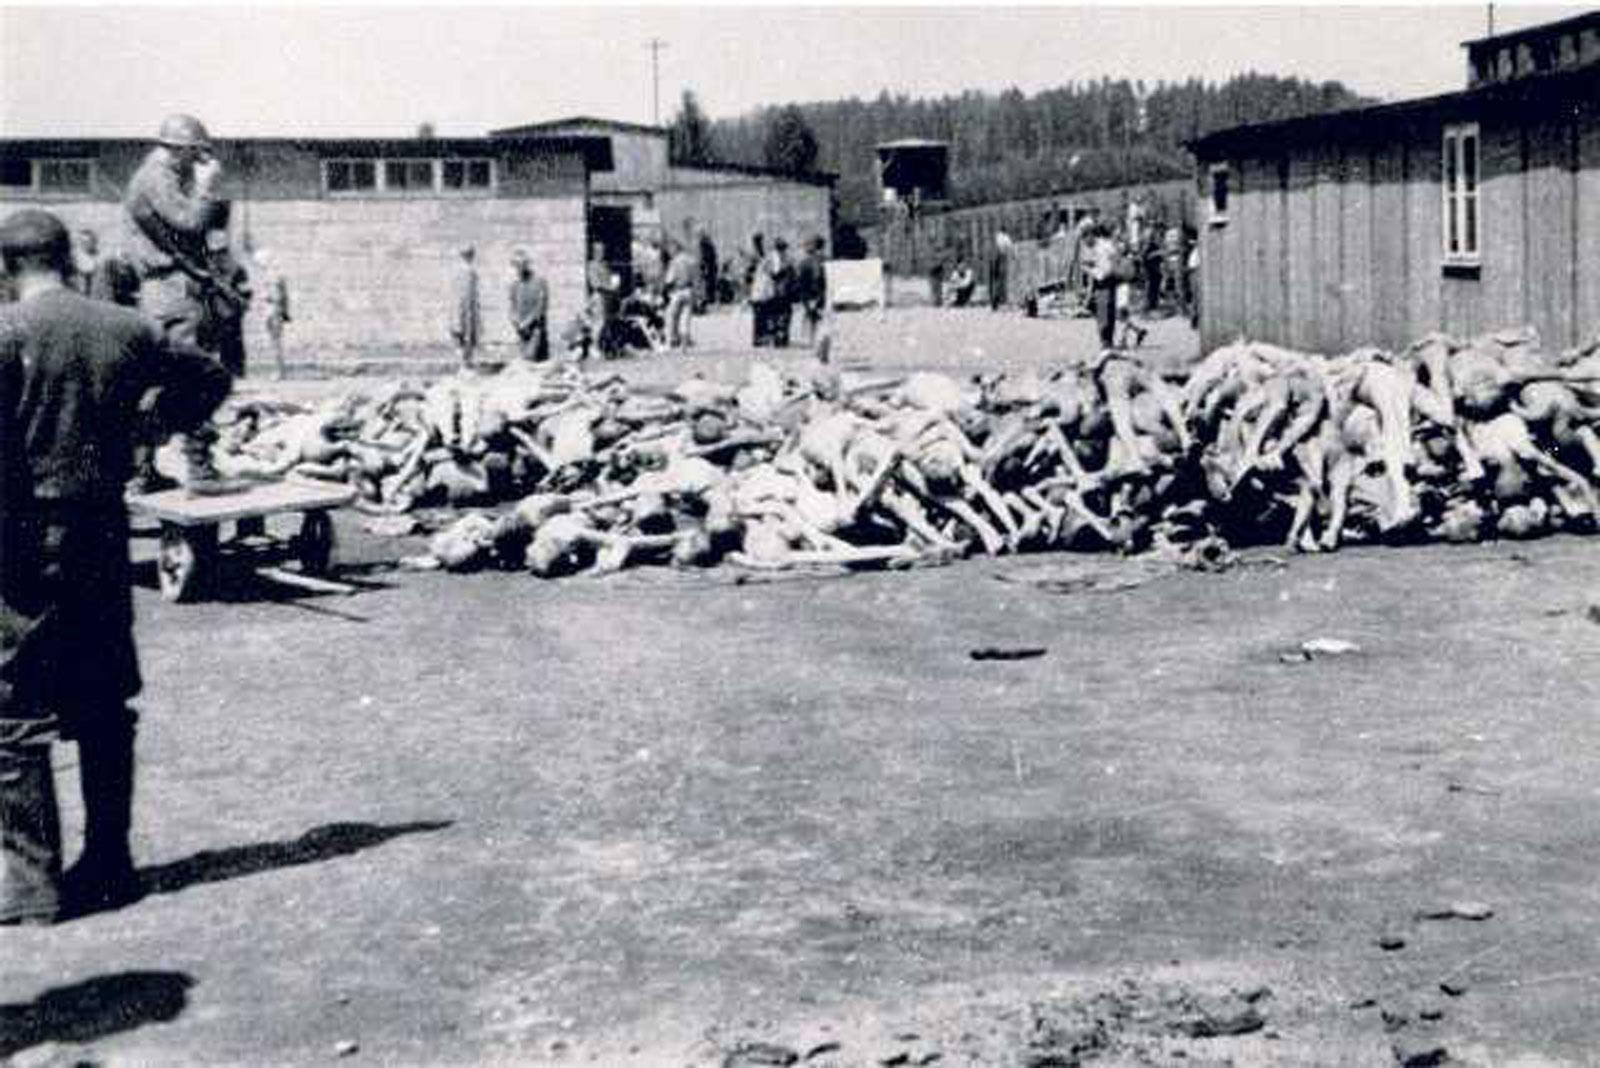 mauthausen-la-part-visible-des-camps-cadavres